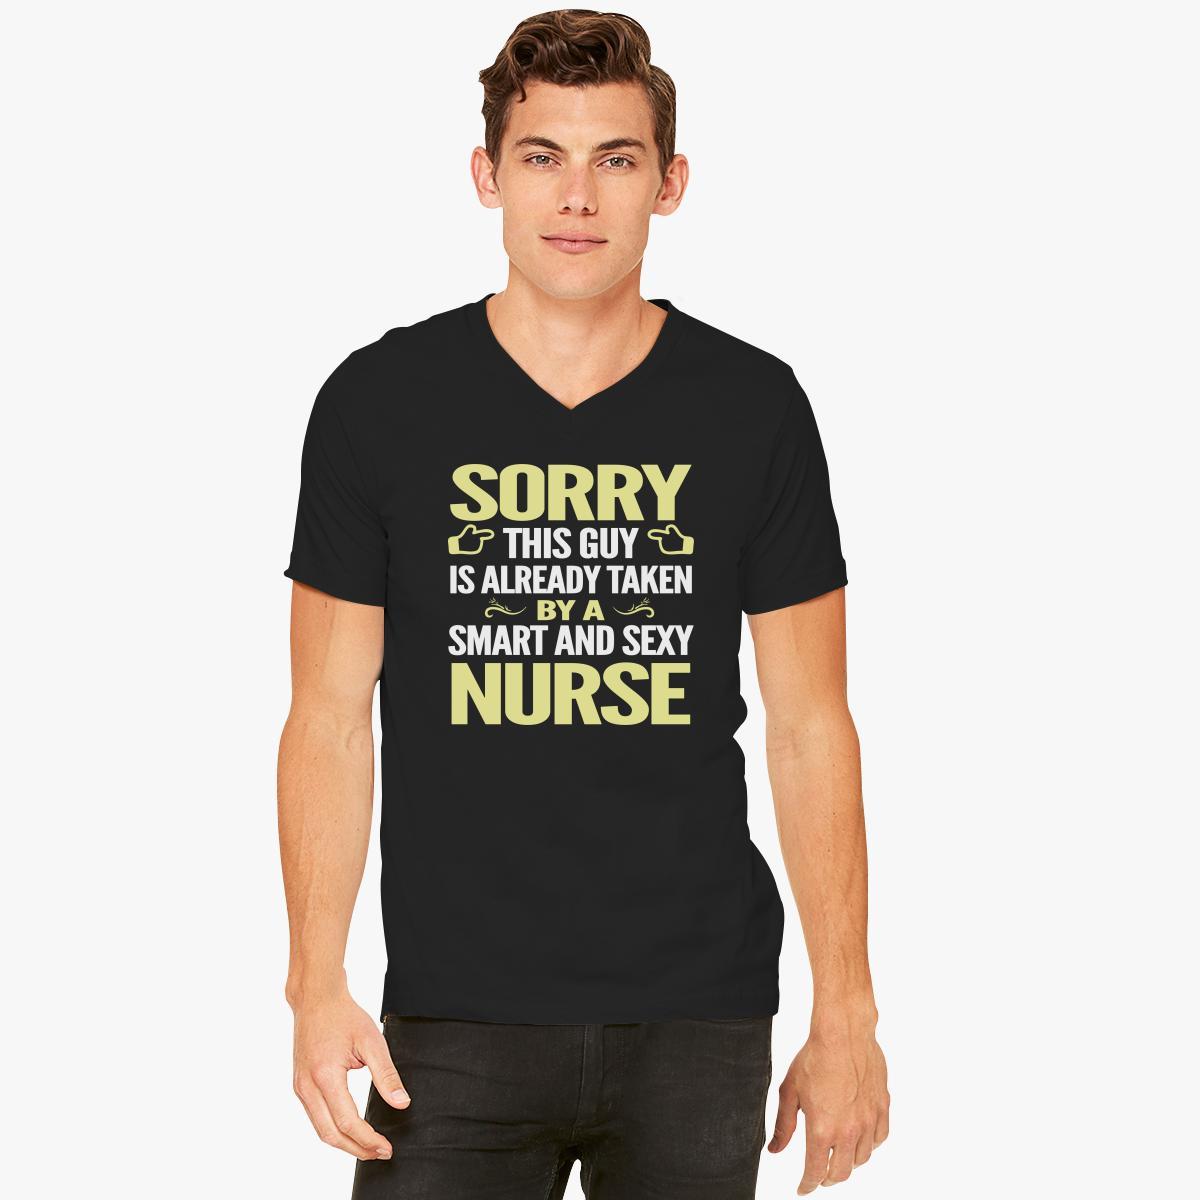 Buy Sorry guy already taken smart sexy Nurse V-Neck T-shirt, 643078